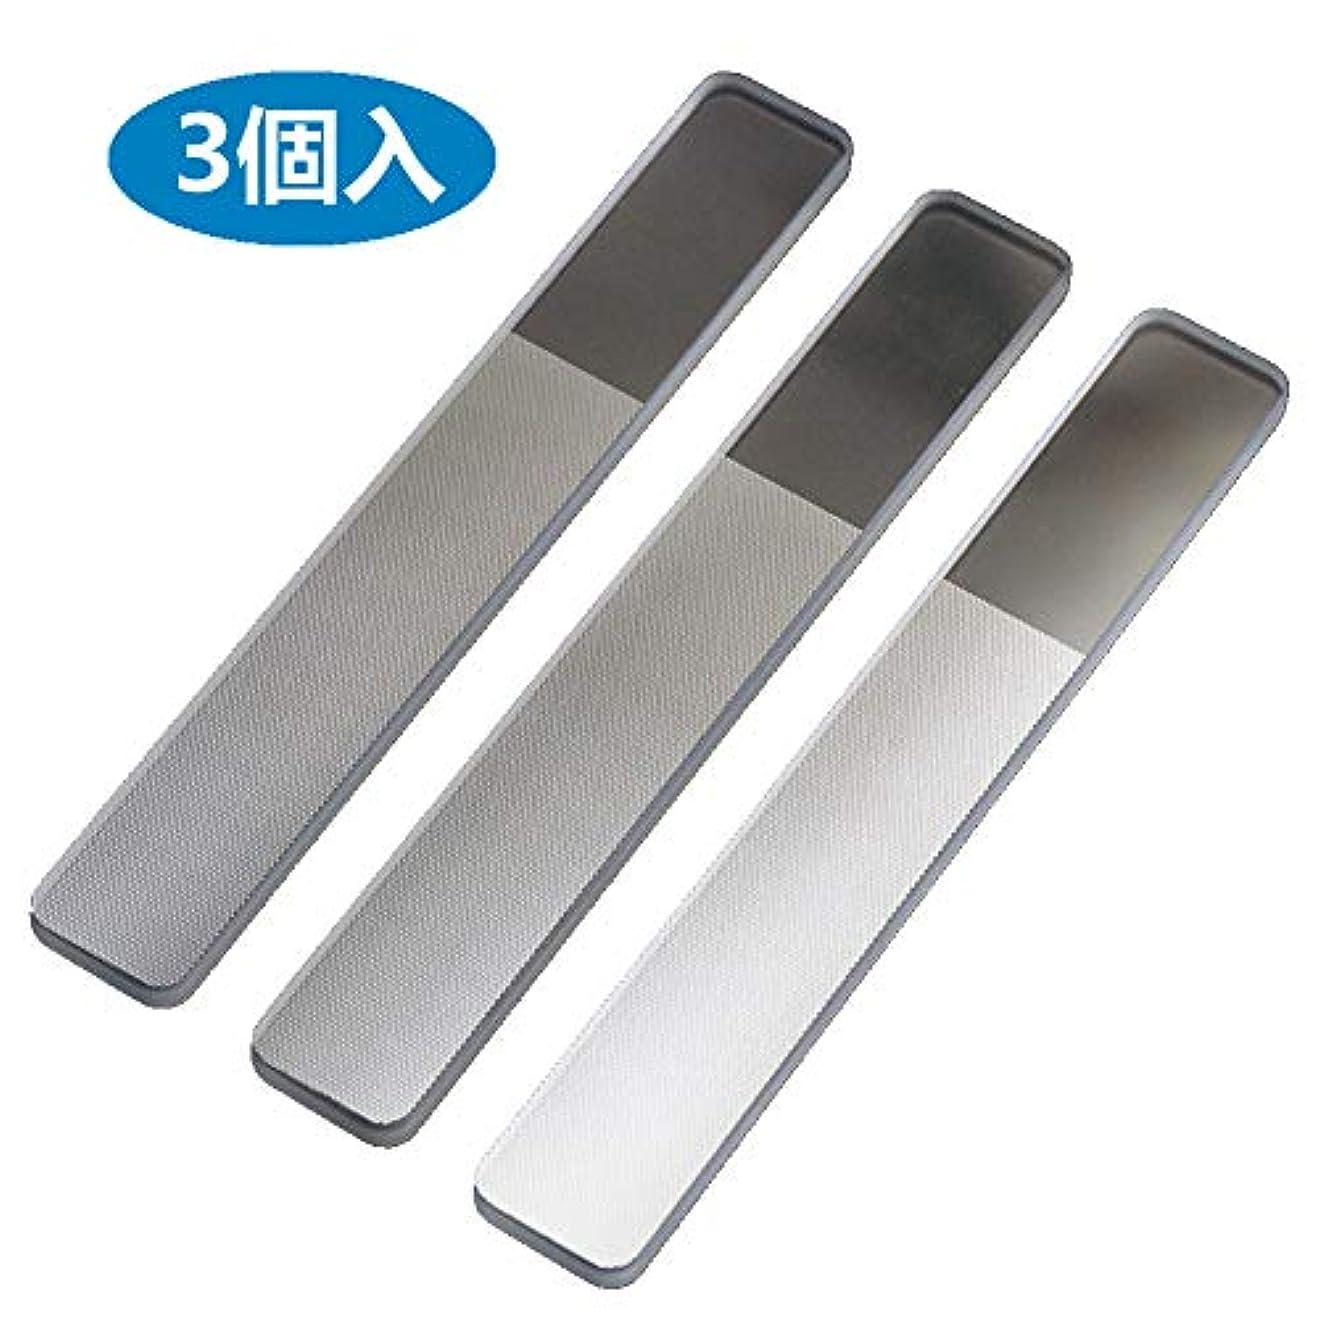 小道具効果的に学部MX 爪やすり 爪磨き ガラス製 (スタイル A 3個セット)